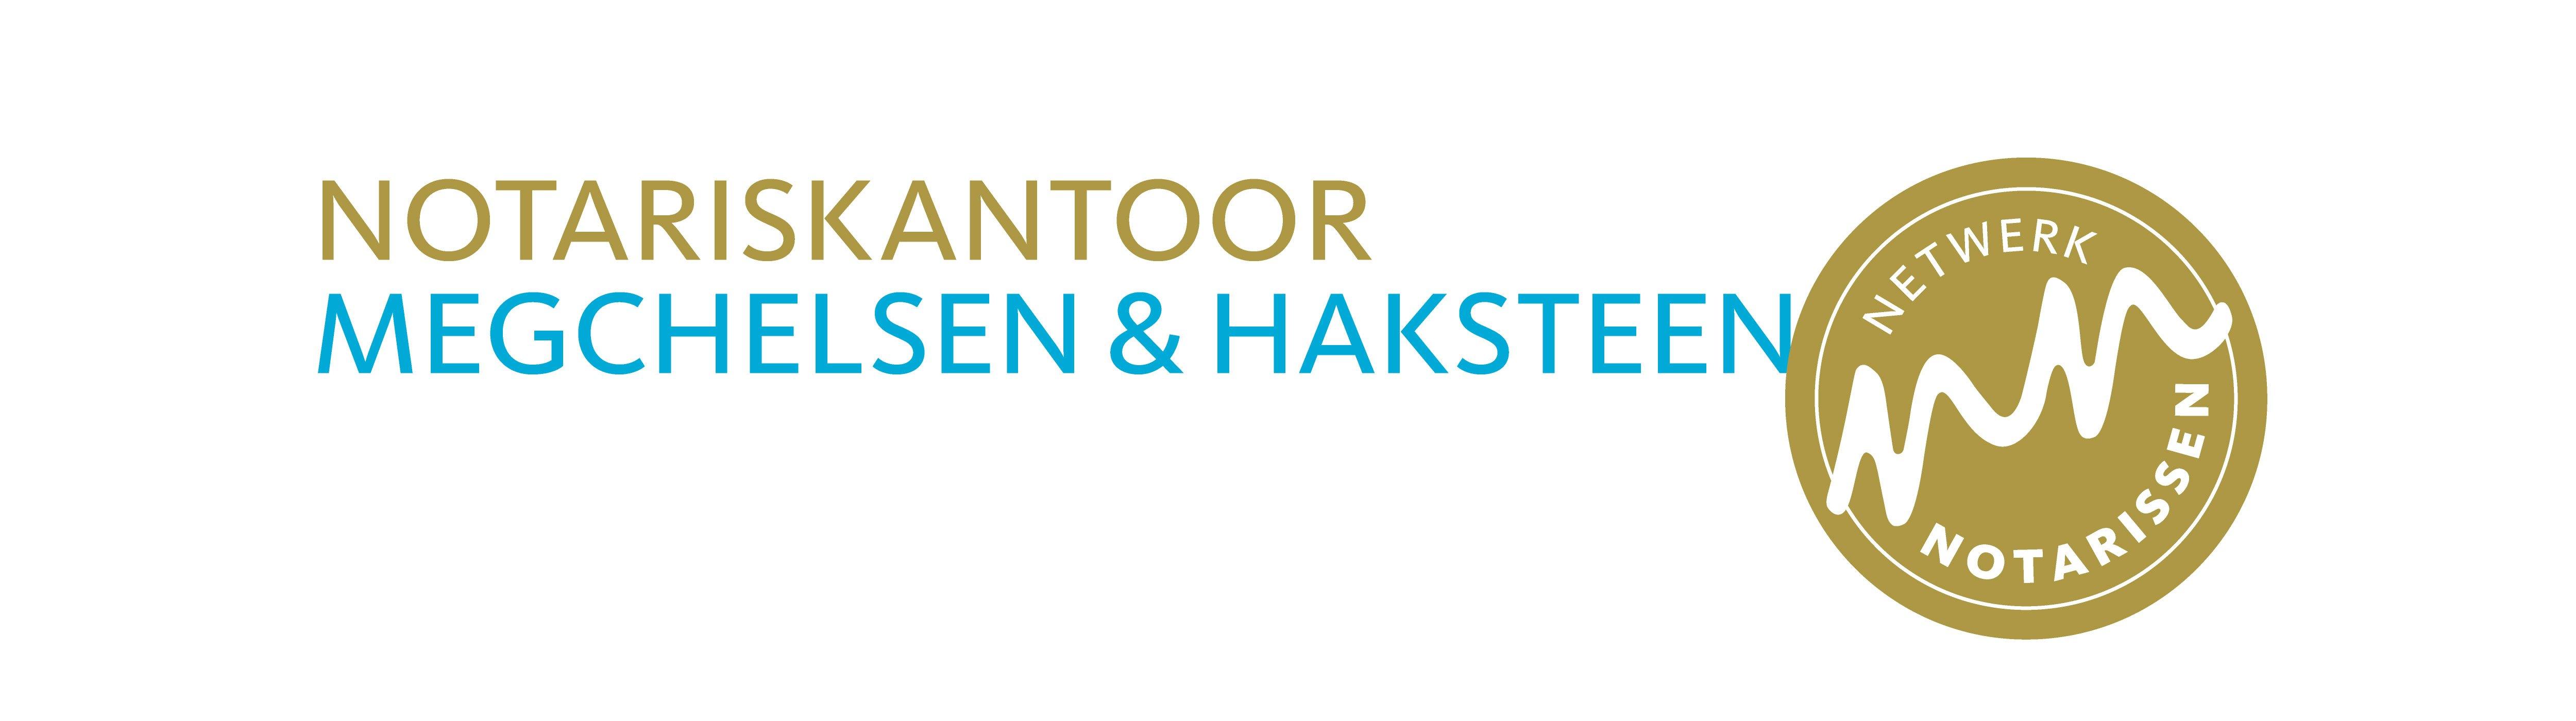 NN_logo_RGB_Megchelsen-en-Haksteen